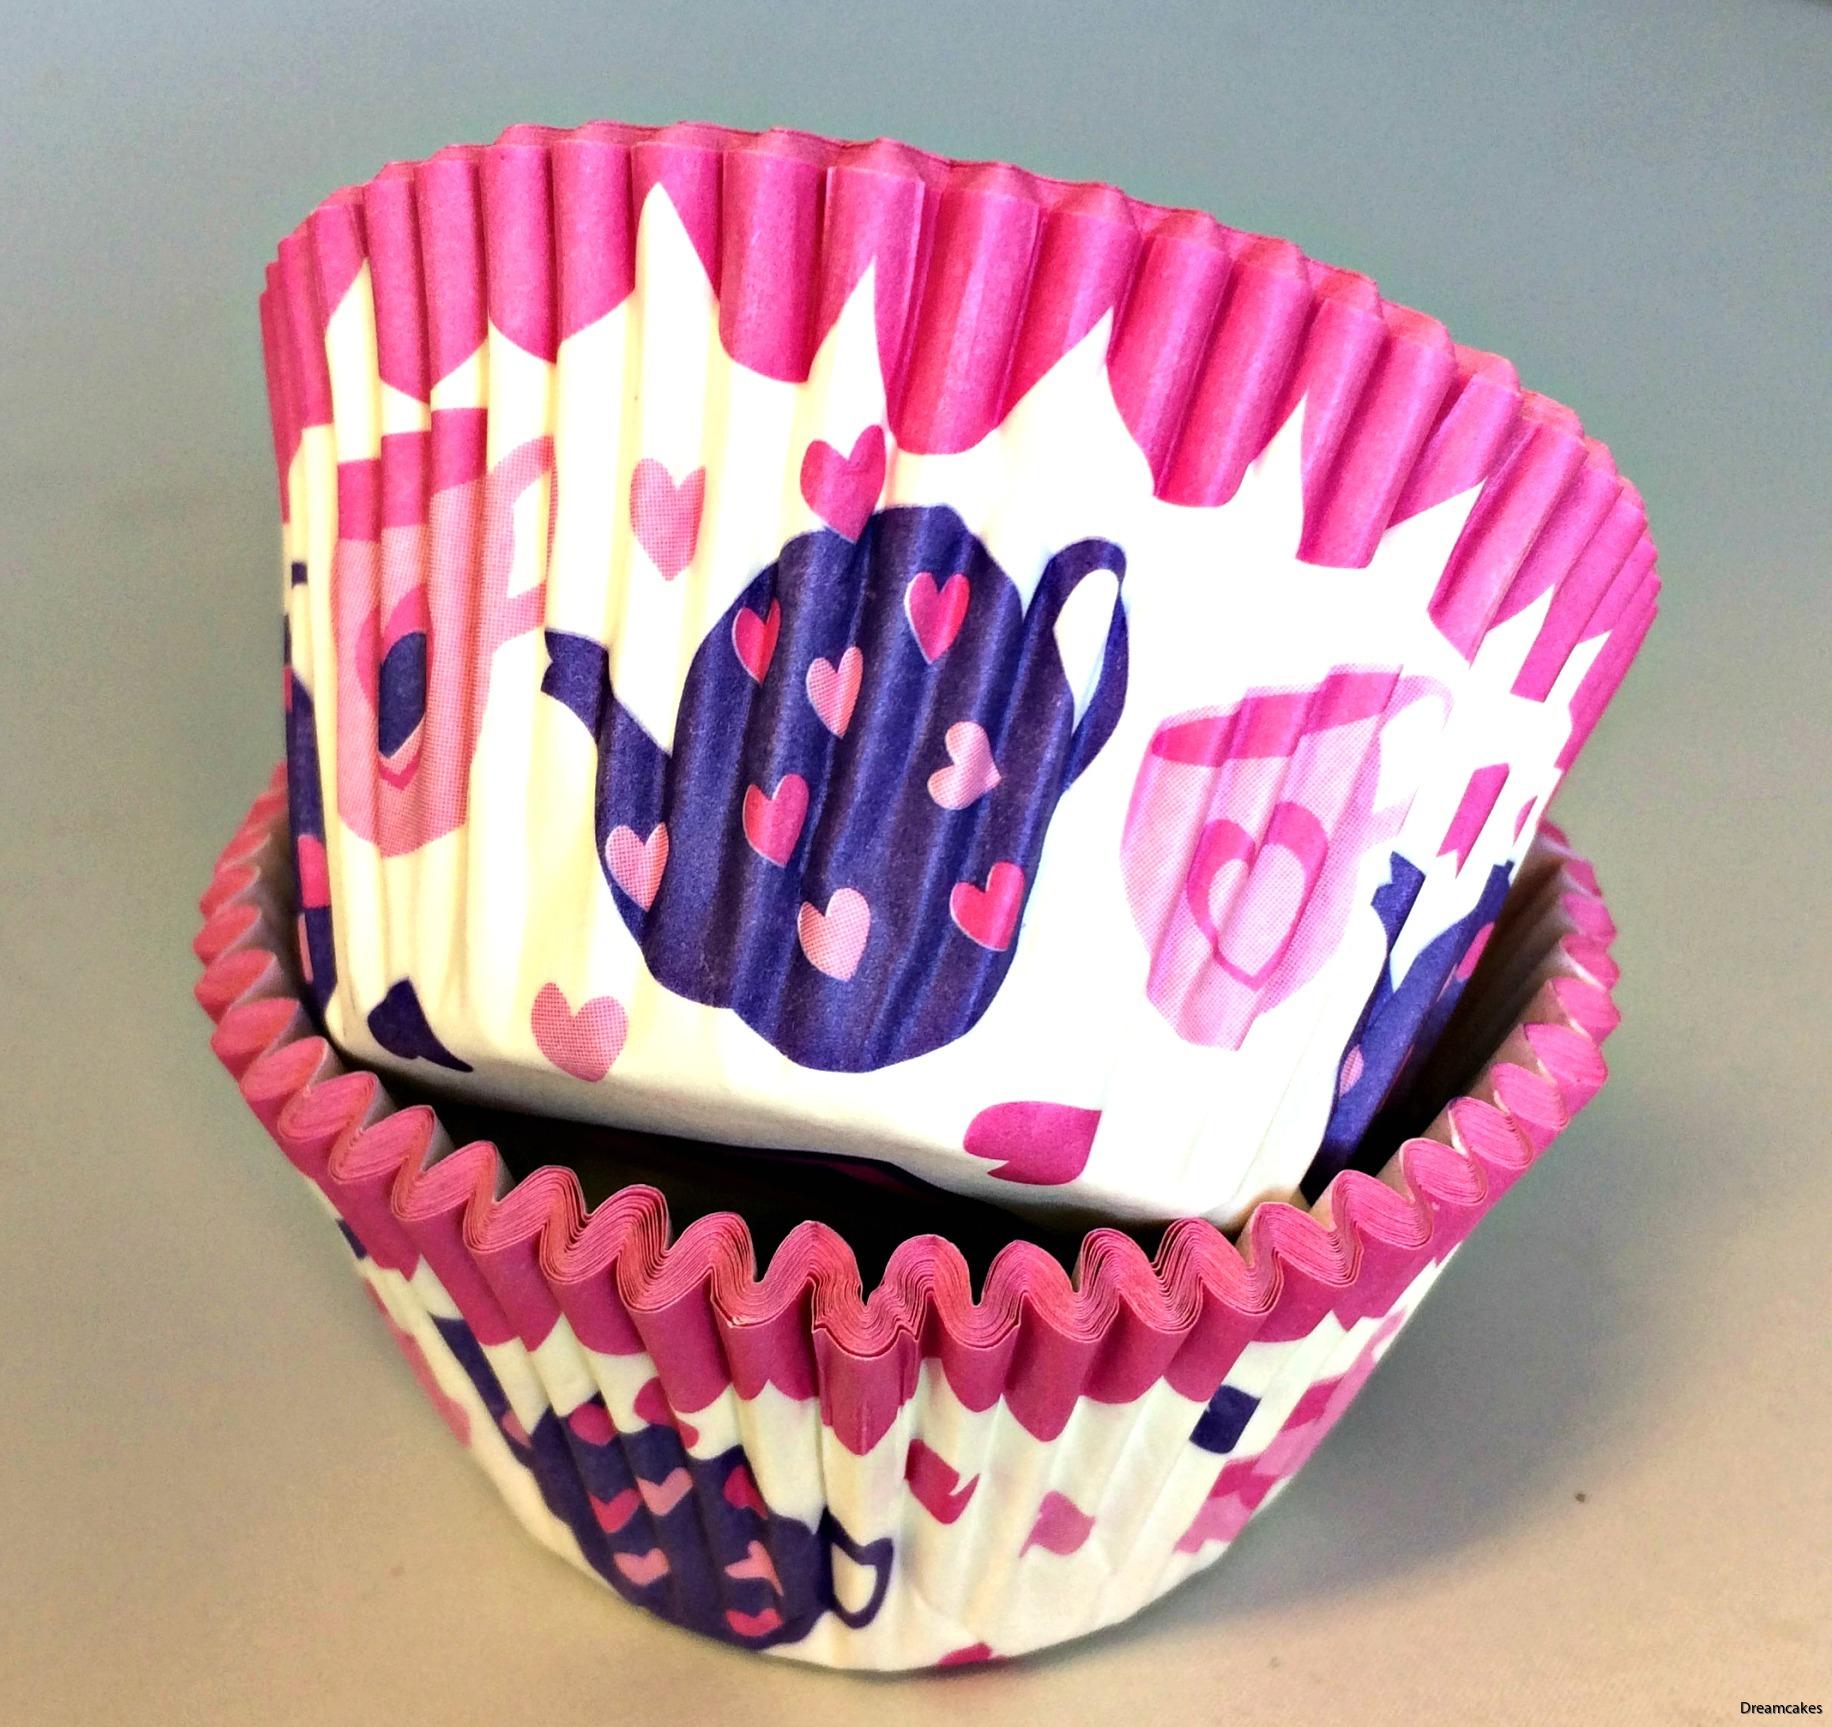 Söt muffinsform perfekt för ditt afternoon tea med tryckt mönster av tekannor och tekoppar